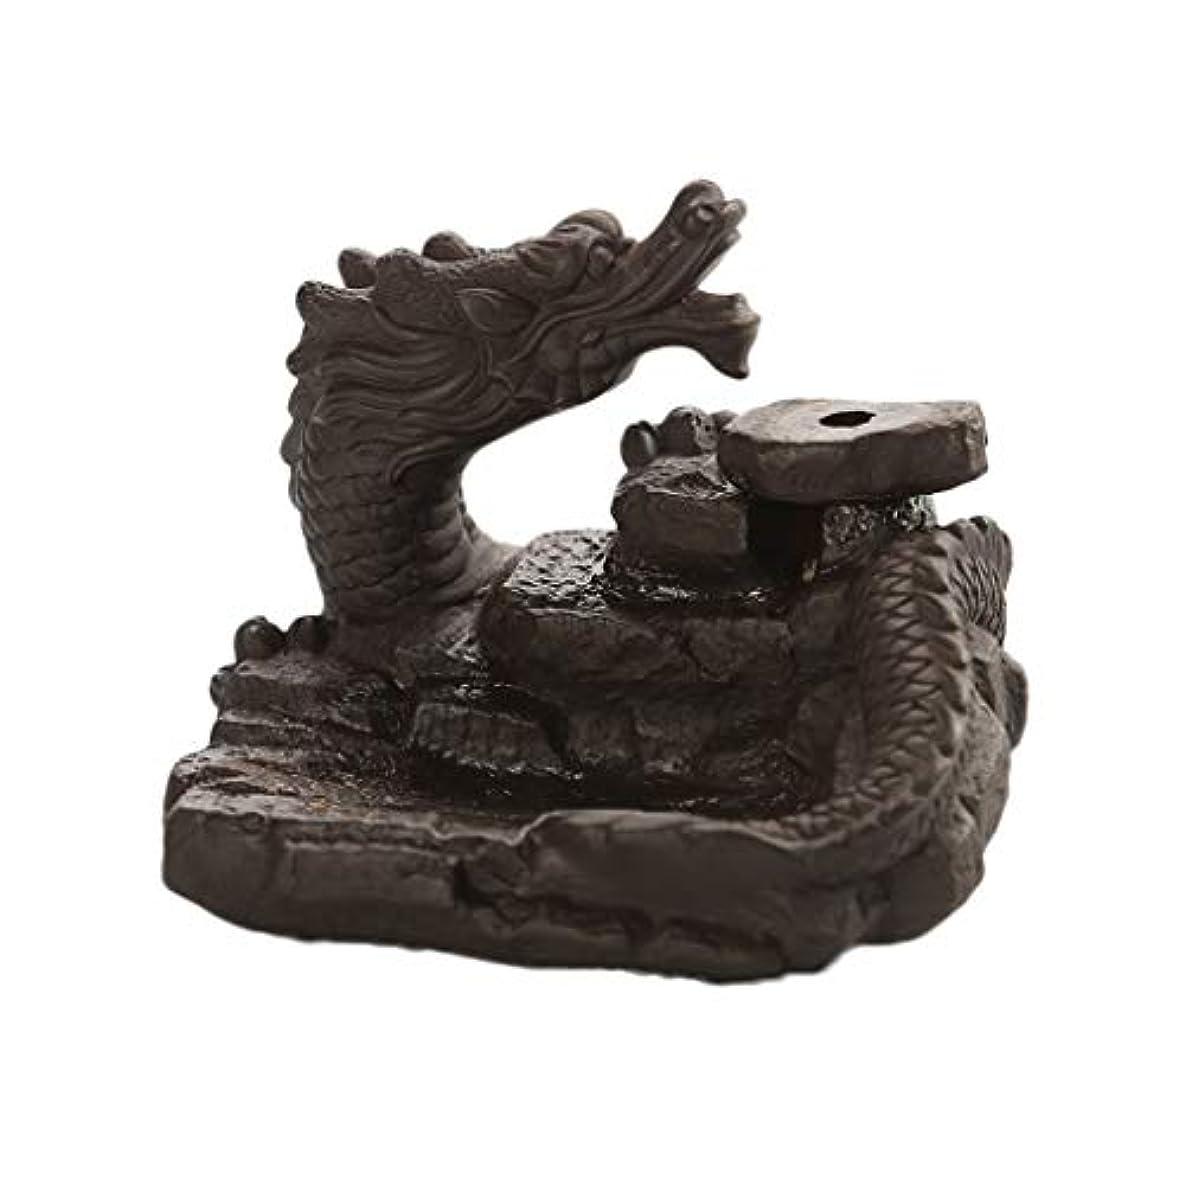 タフ屈辱するレジデンスセラミックドラゴン池香バーナー逆流香スティックコーンバーナーホルダー還流ホームフレグランス装飾装飾品香ホルダー (Color : Black, サイズ : 3.46*3.14*2.36 inches)